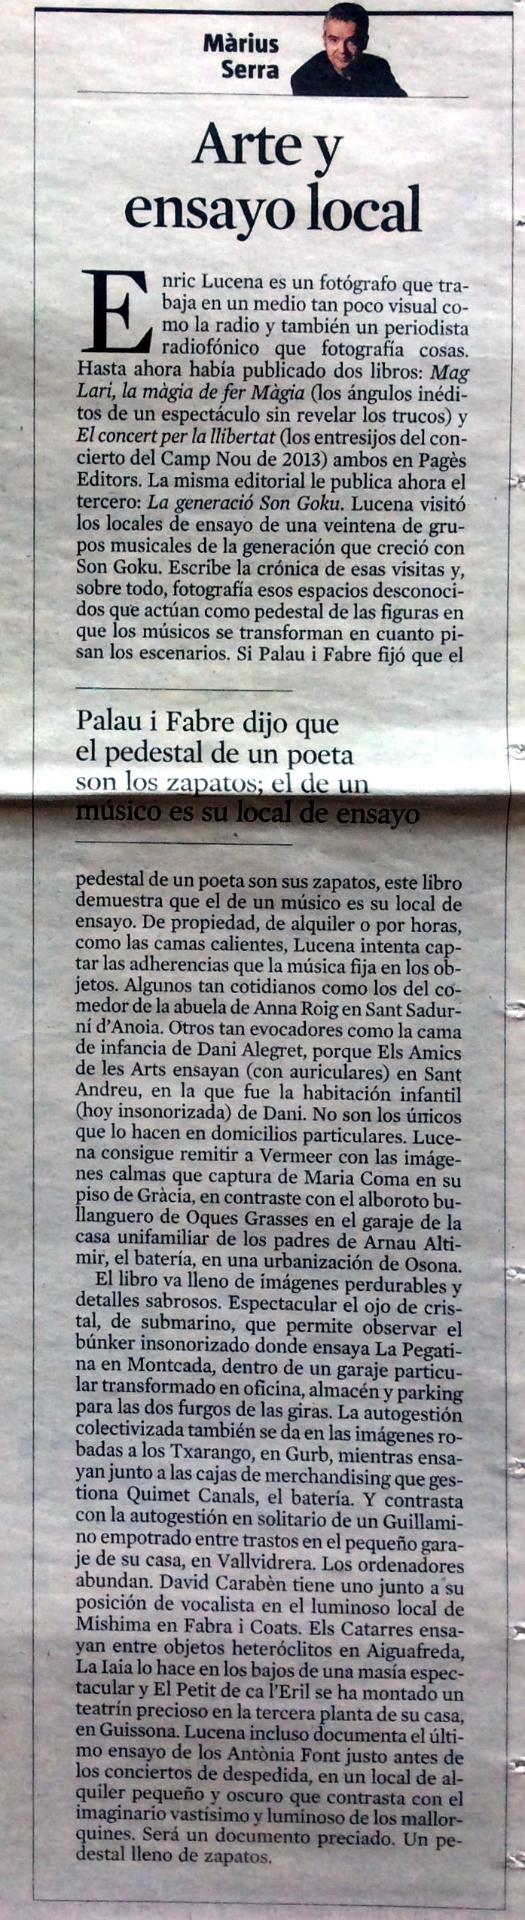 La Vanguardia. 27 desembre 2014